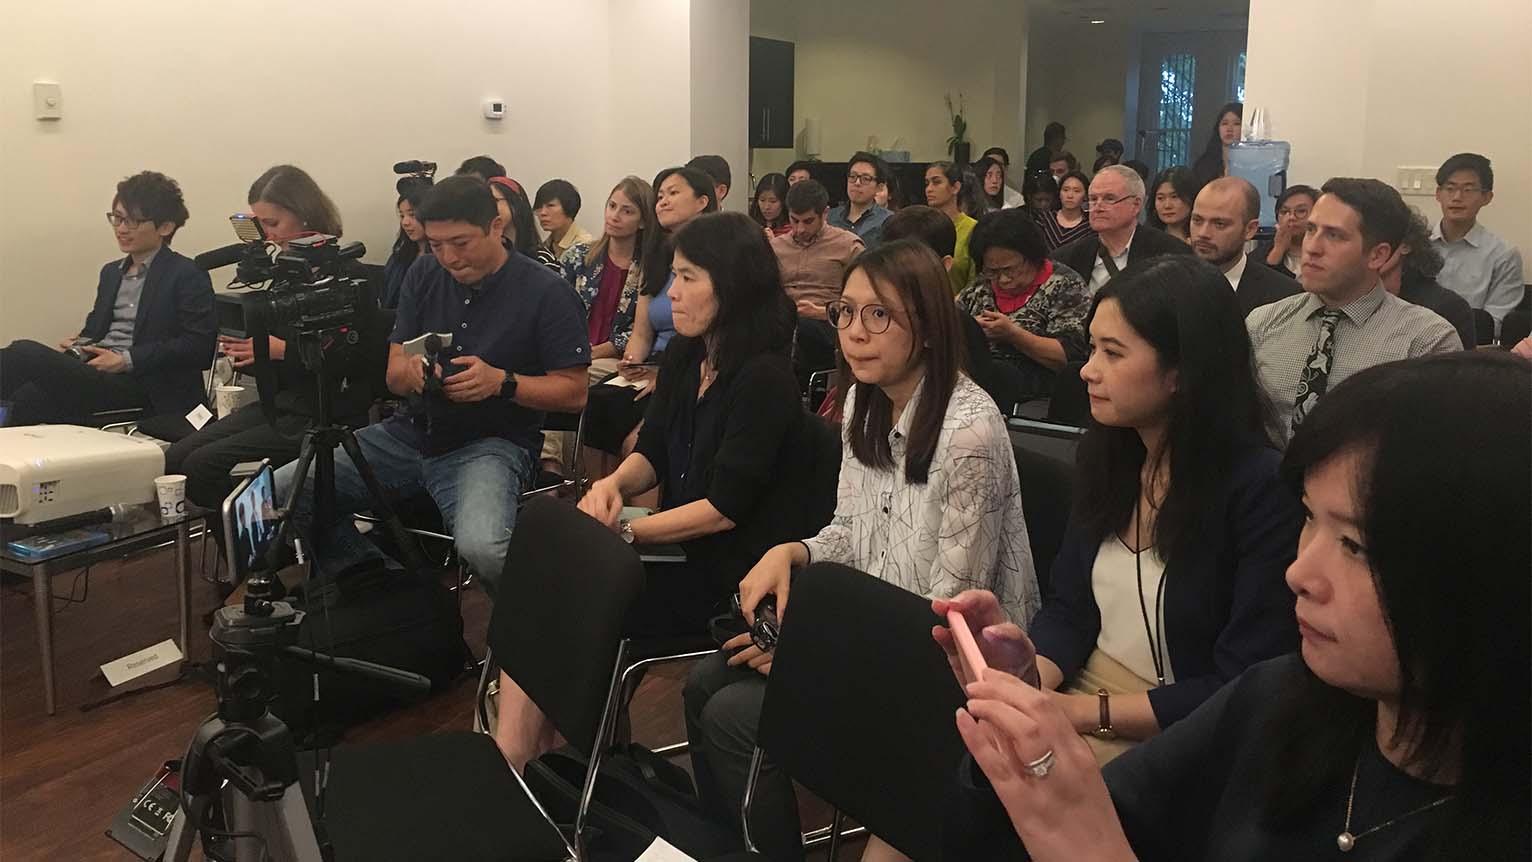 """2019年9月19日,华盛顿""""全球台湾研究所""""举办《分域大道》纪录片放映会,逾一百人参会,向""""香港众志""""秘书长黄之锋,独立歌手何韵诗提问。(记者薛小山摄影)"""